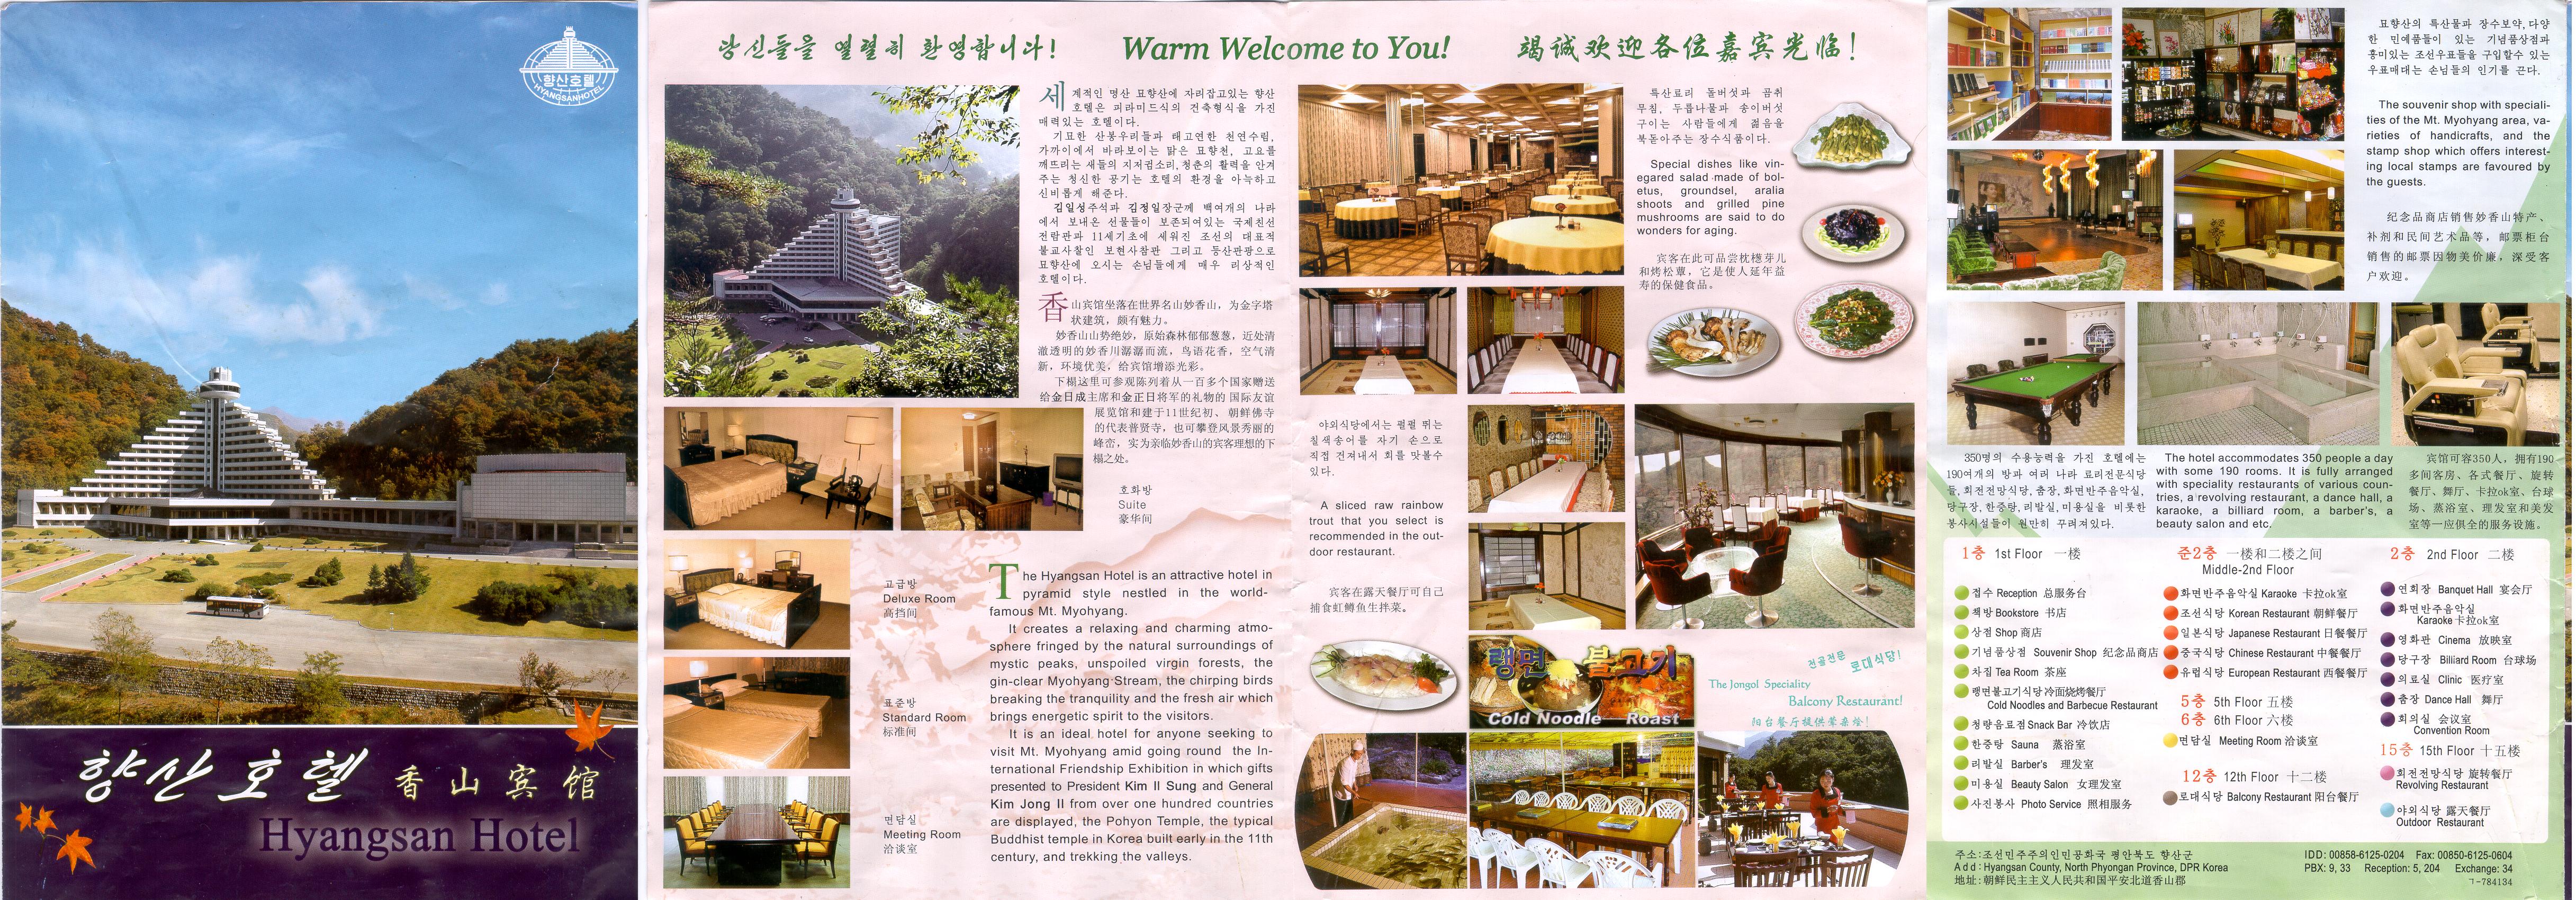 Hotel brochure design sample for designer and company for Hotel brochure design